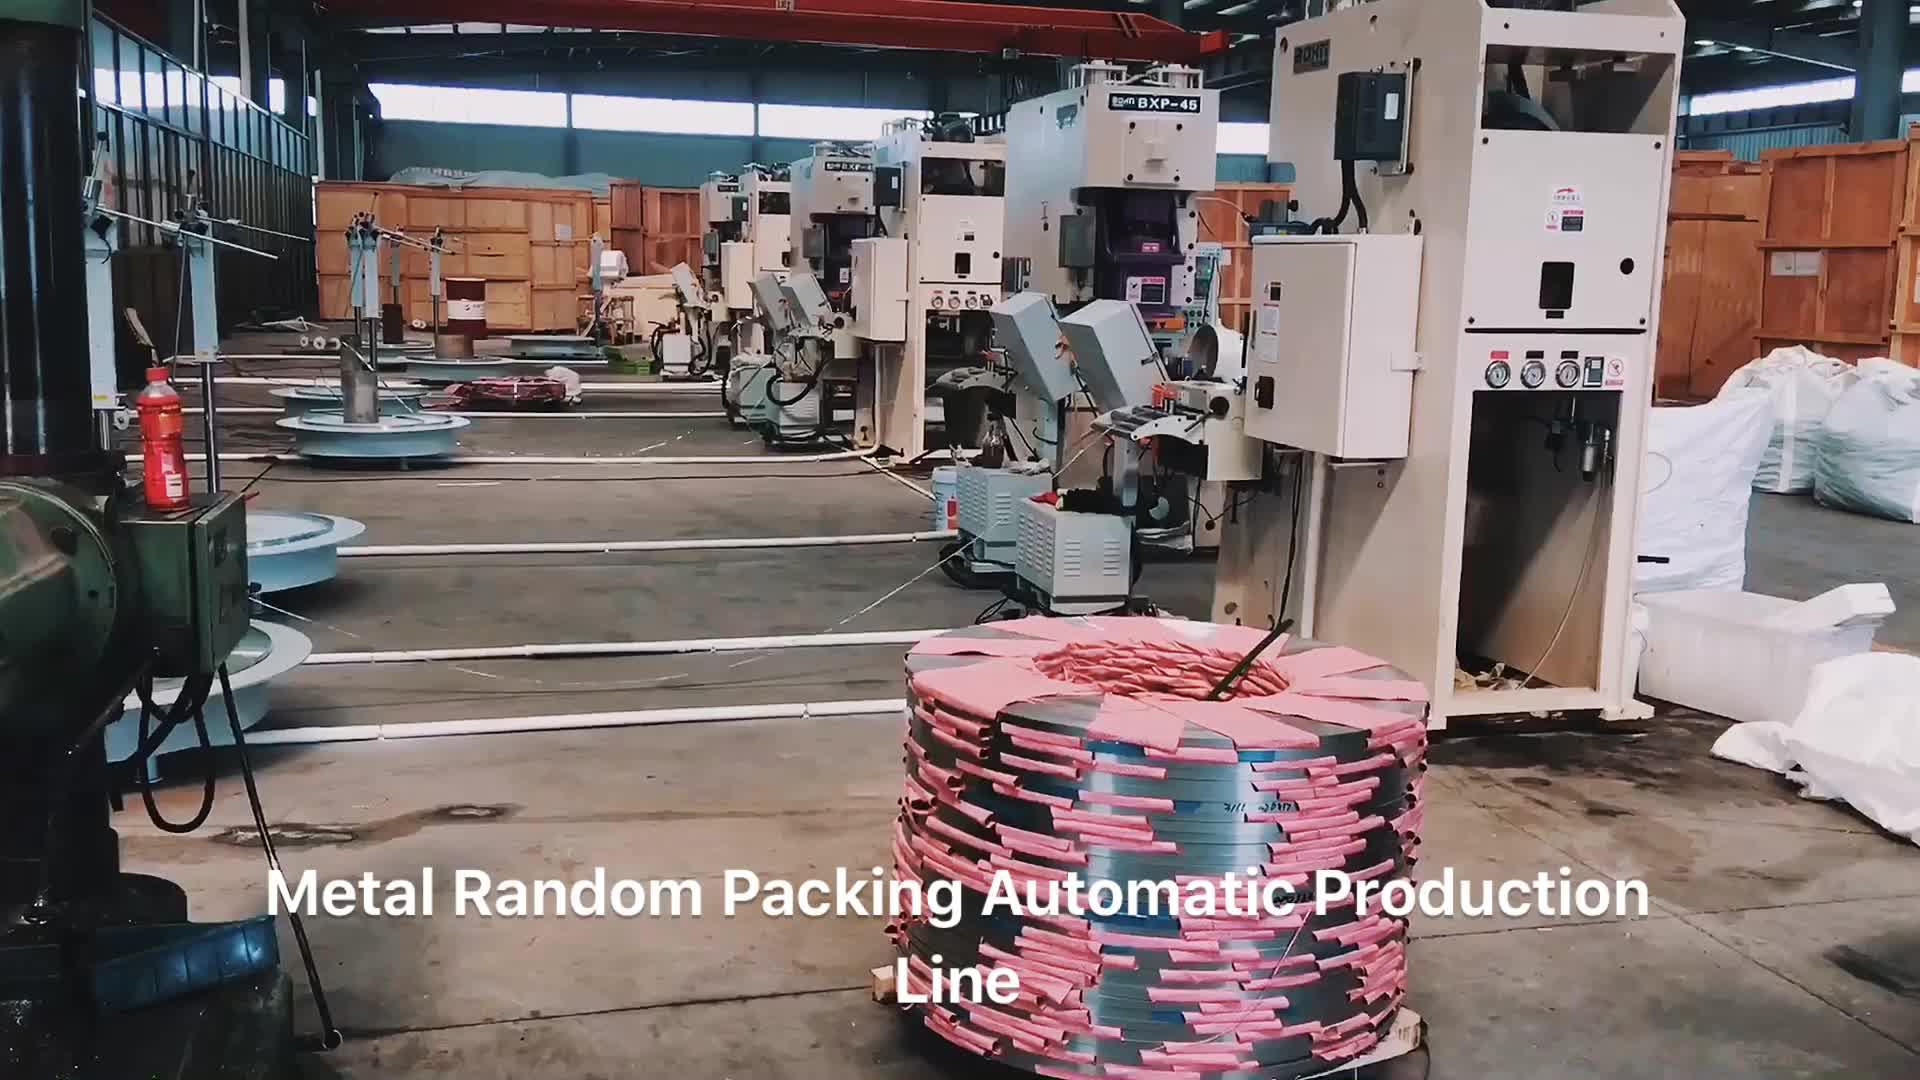 Metallo Imballaggio Casuale Anello Pall Anello Raschig IMTP CMR